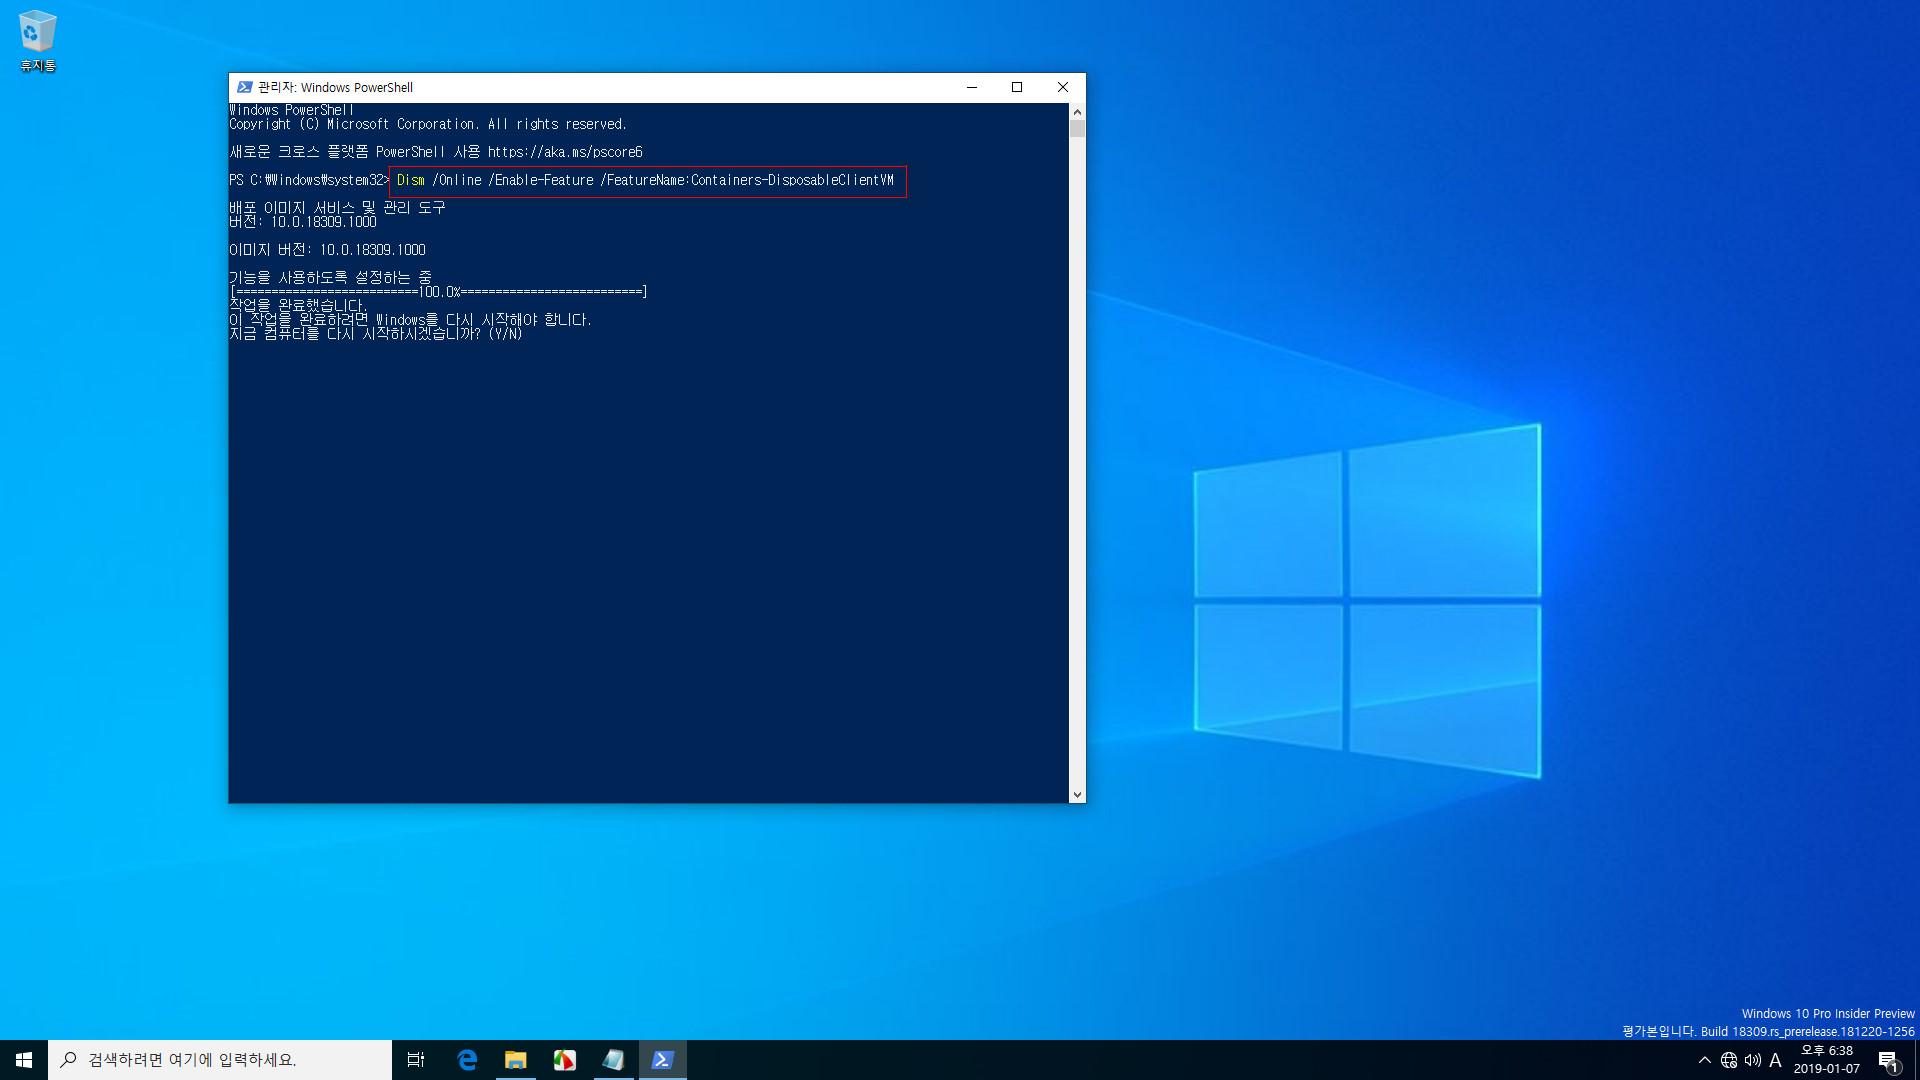 윈도10 19H1 인사이더 프리뷰 18309.1000 빌드 나왔네요 - 실컴에서 Windows Sandbox 테스트 - 어떤 드라이버가 충돌을 일으키는지 확인 테스트4 [윈도에 내장된 랜드라이버 제거] - 3번째 for 구문과 사용권한 획득으로 내장 랜 드라이버들 삭제 성공함 2019-01-07_183850.jpg